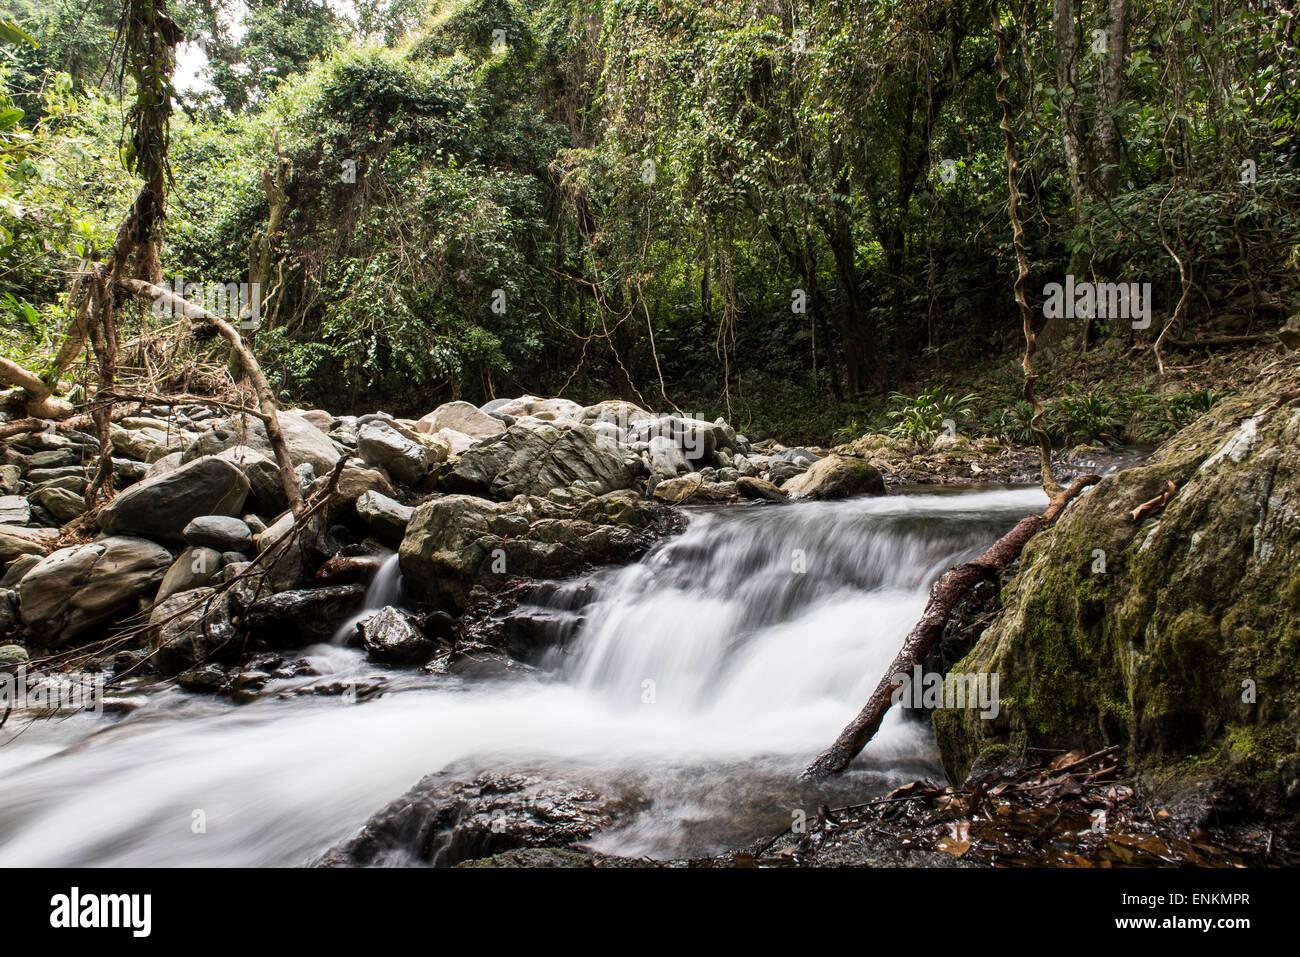 Wasserfälle entlang der verlorenen Stadt (Ciudad Perdida) trek Sierra Nevada in Santa Marta, Kolumbien Stockbild